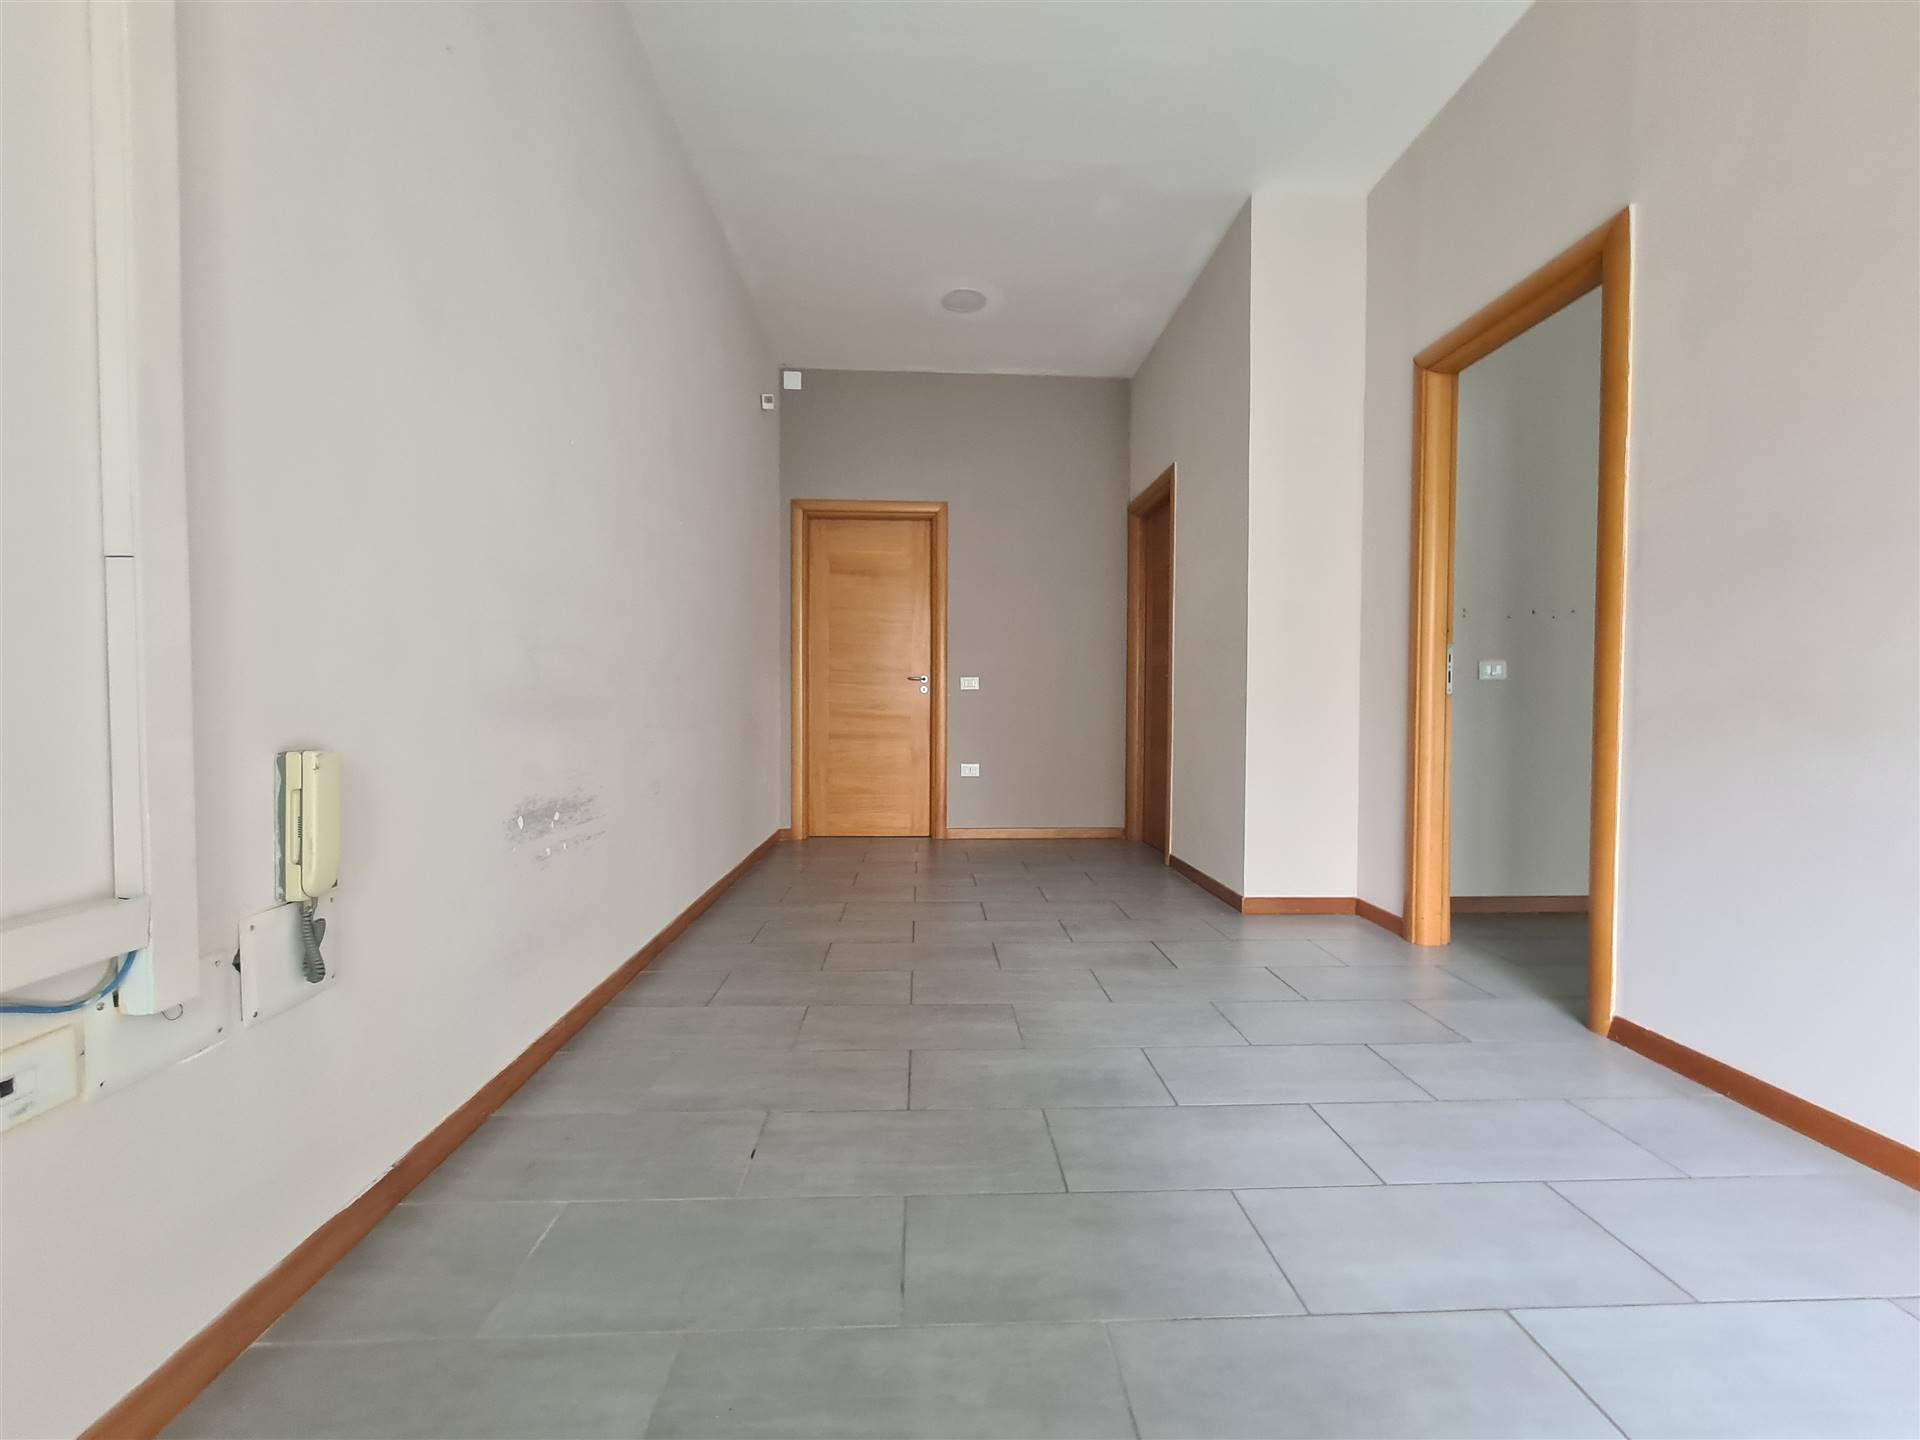 UF410A-Ufficio-SANTA-MARIA-CAPUA-VETERE-Via-Palmiro-Togliatti